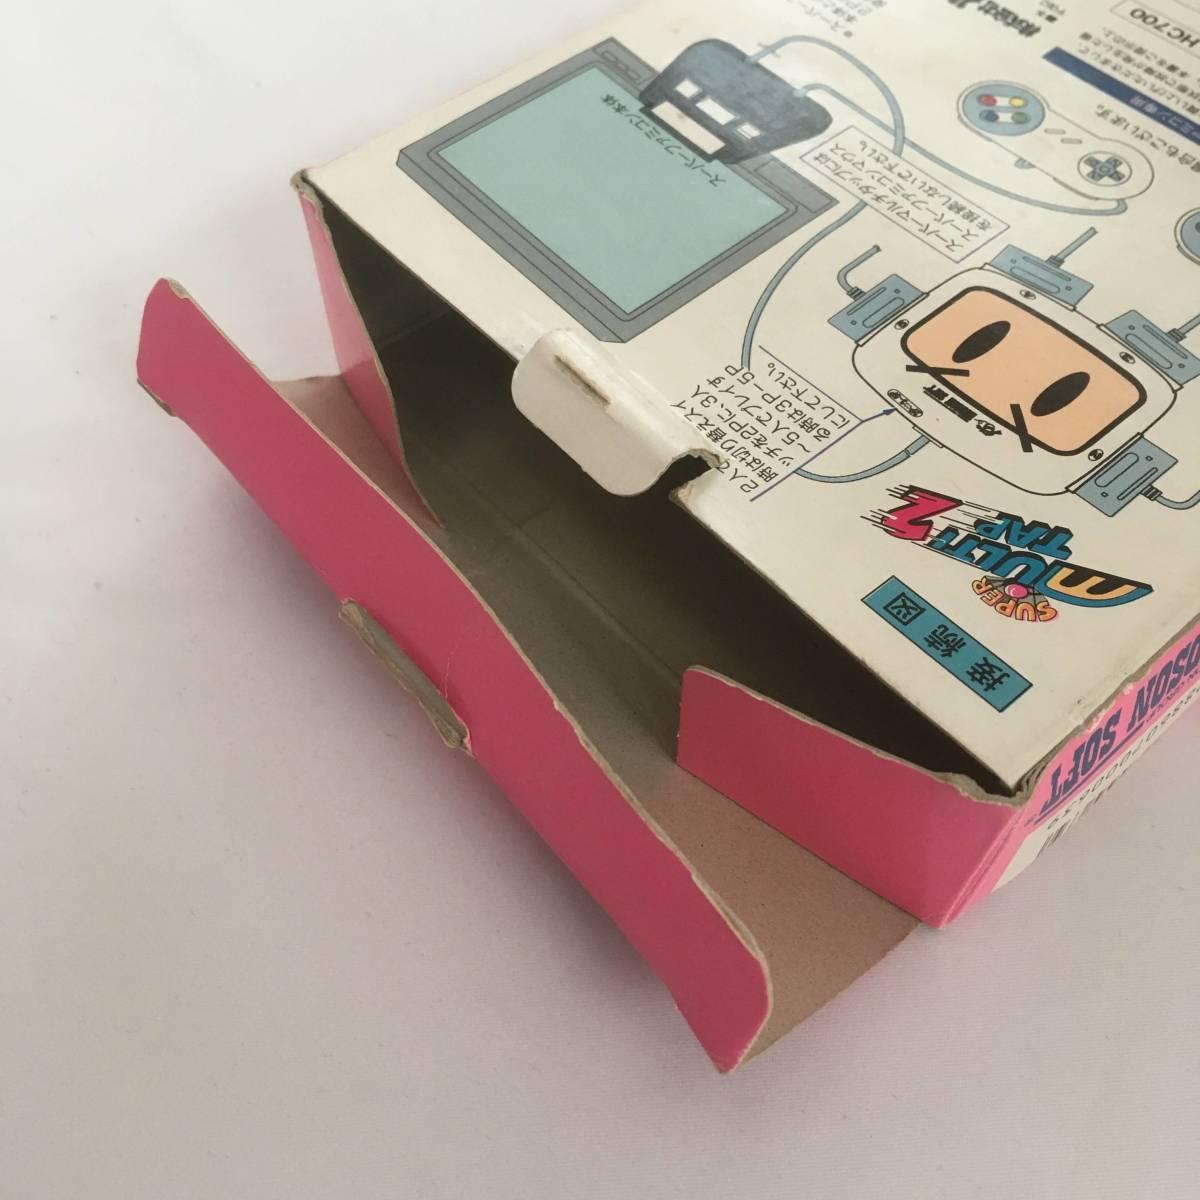 スーパーファミコン用 スーパーマルチタップ2(箱あり) / Super Multi Tap 2 SNES SFC Bomberman Hudson Game HC700 Box Nintendo